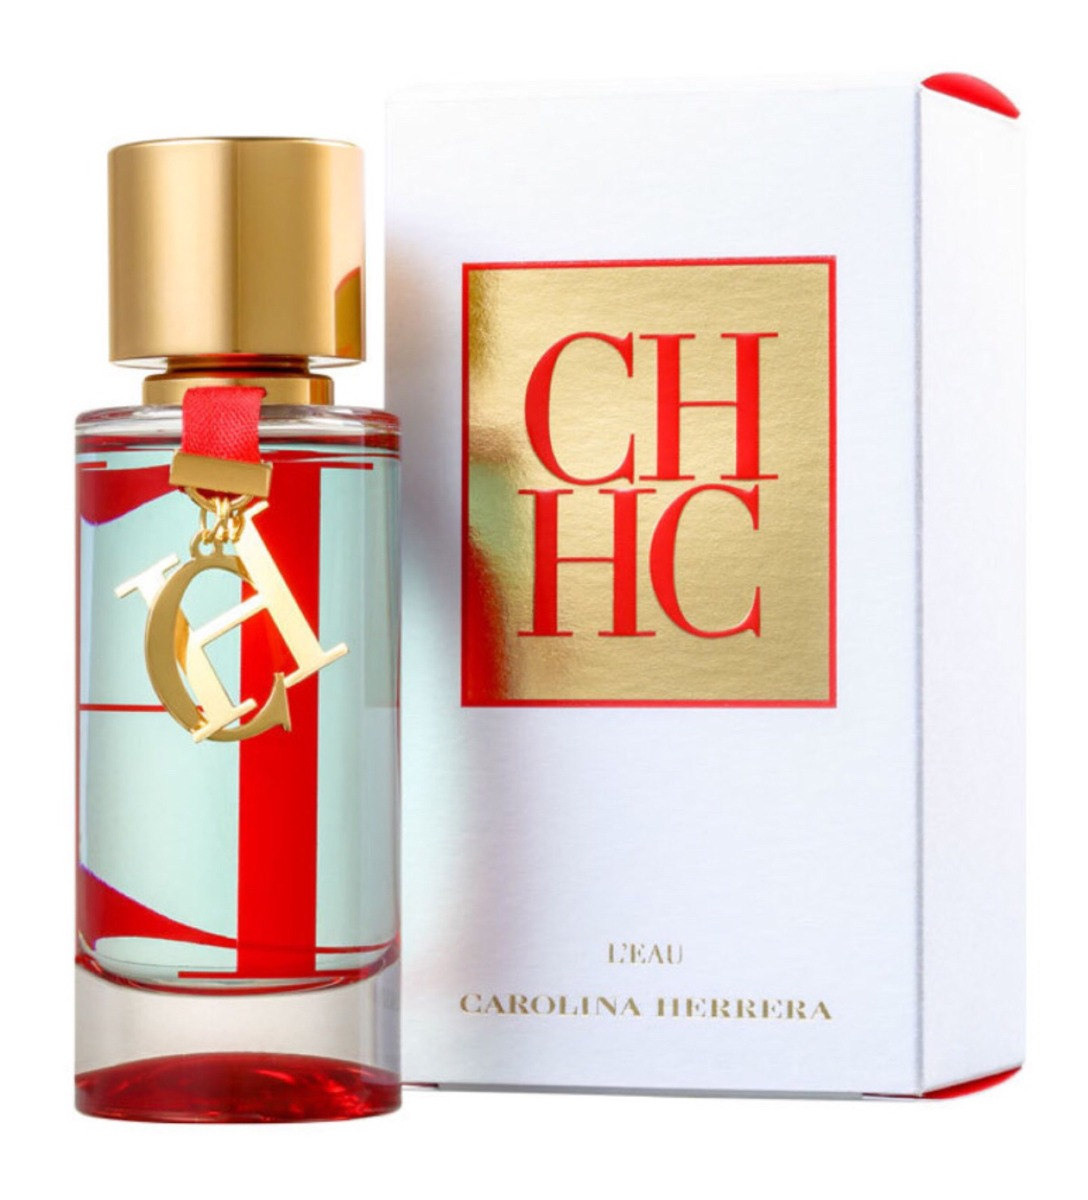 Perfume Carolina Herrera Ch Leau 50ml Versão Nova - R  269,90 em ... bea229a8ae